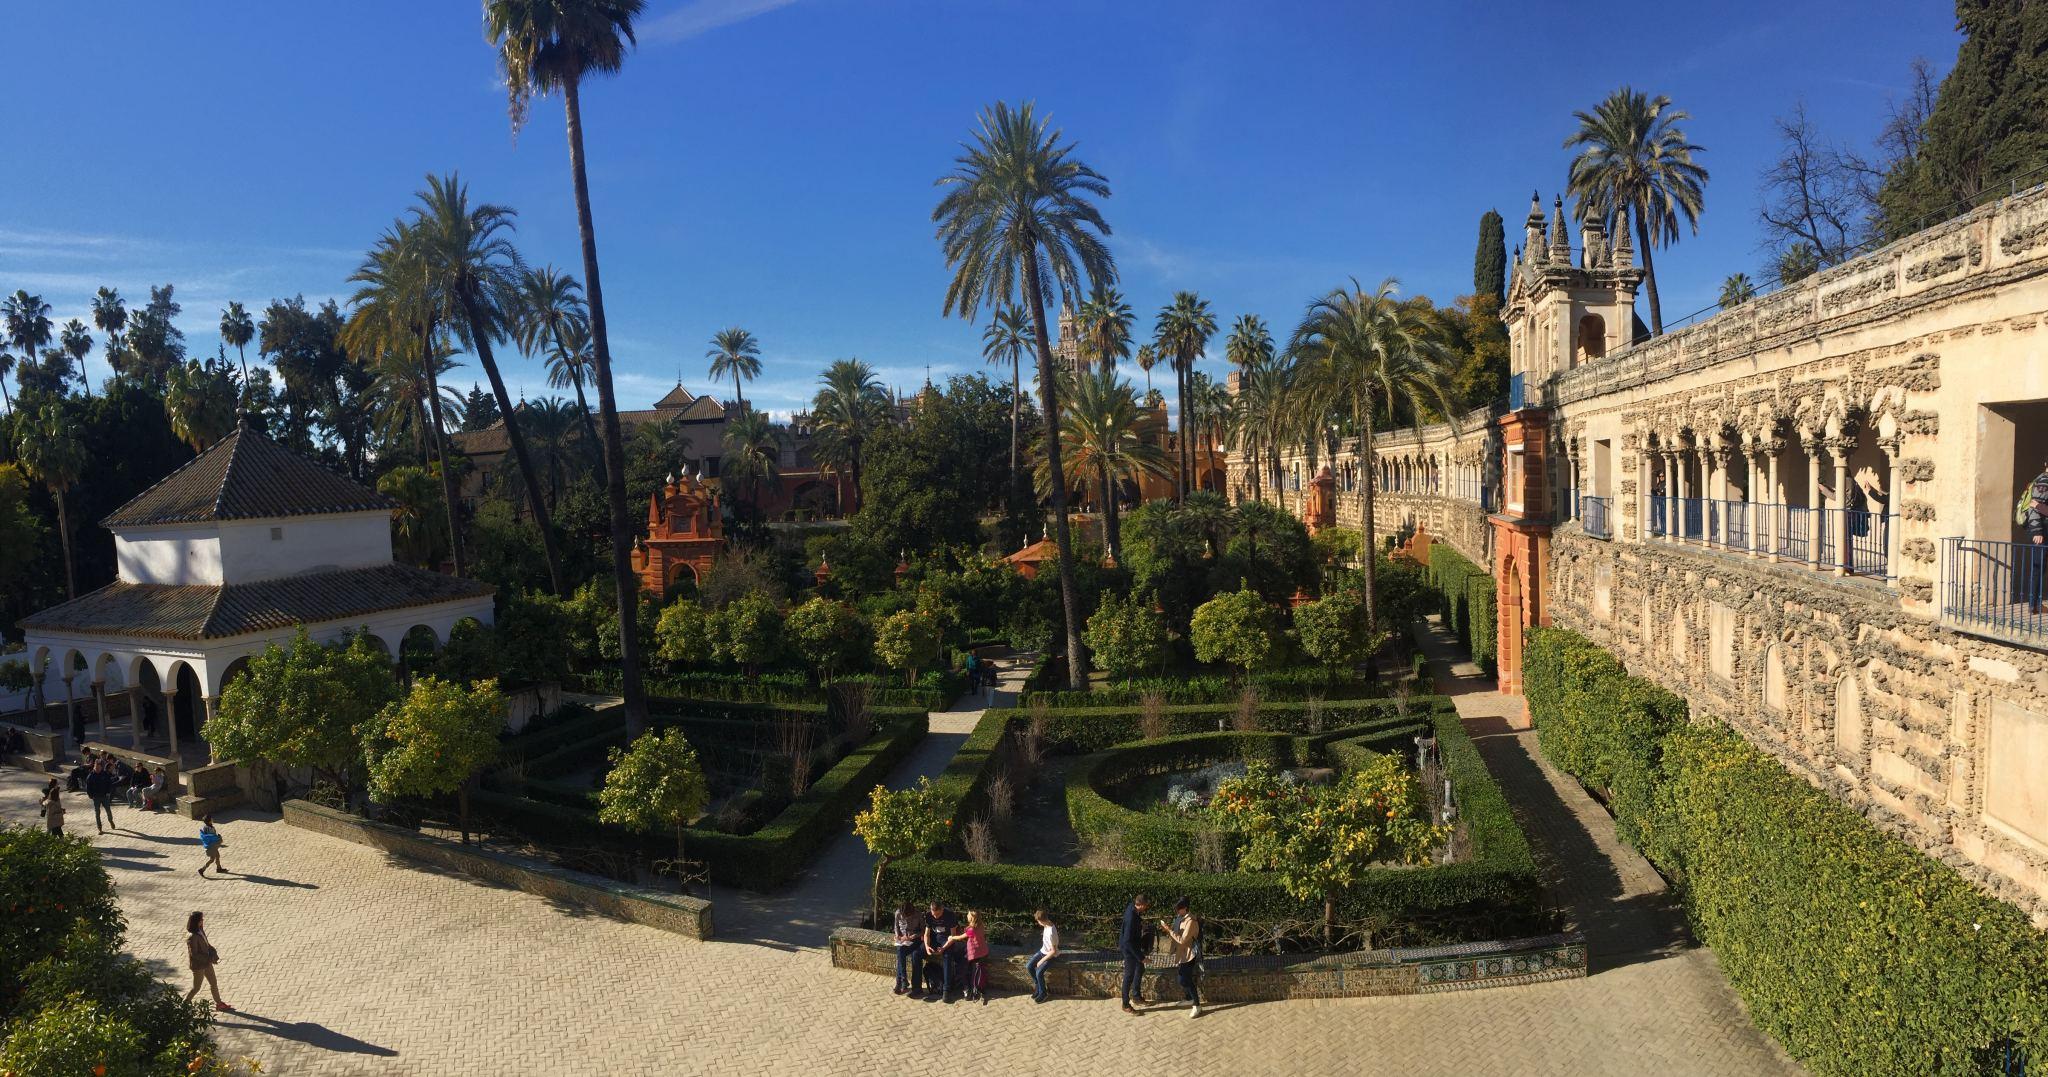 Alcázar Palace Gardens, Seville